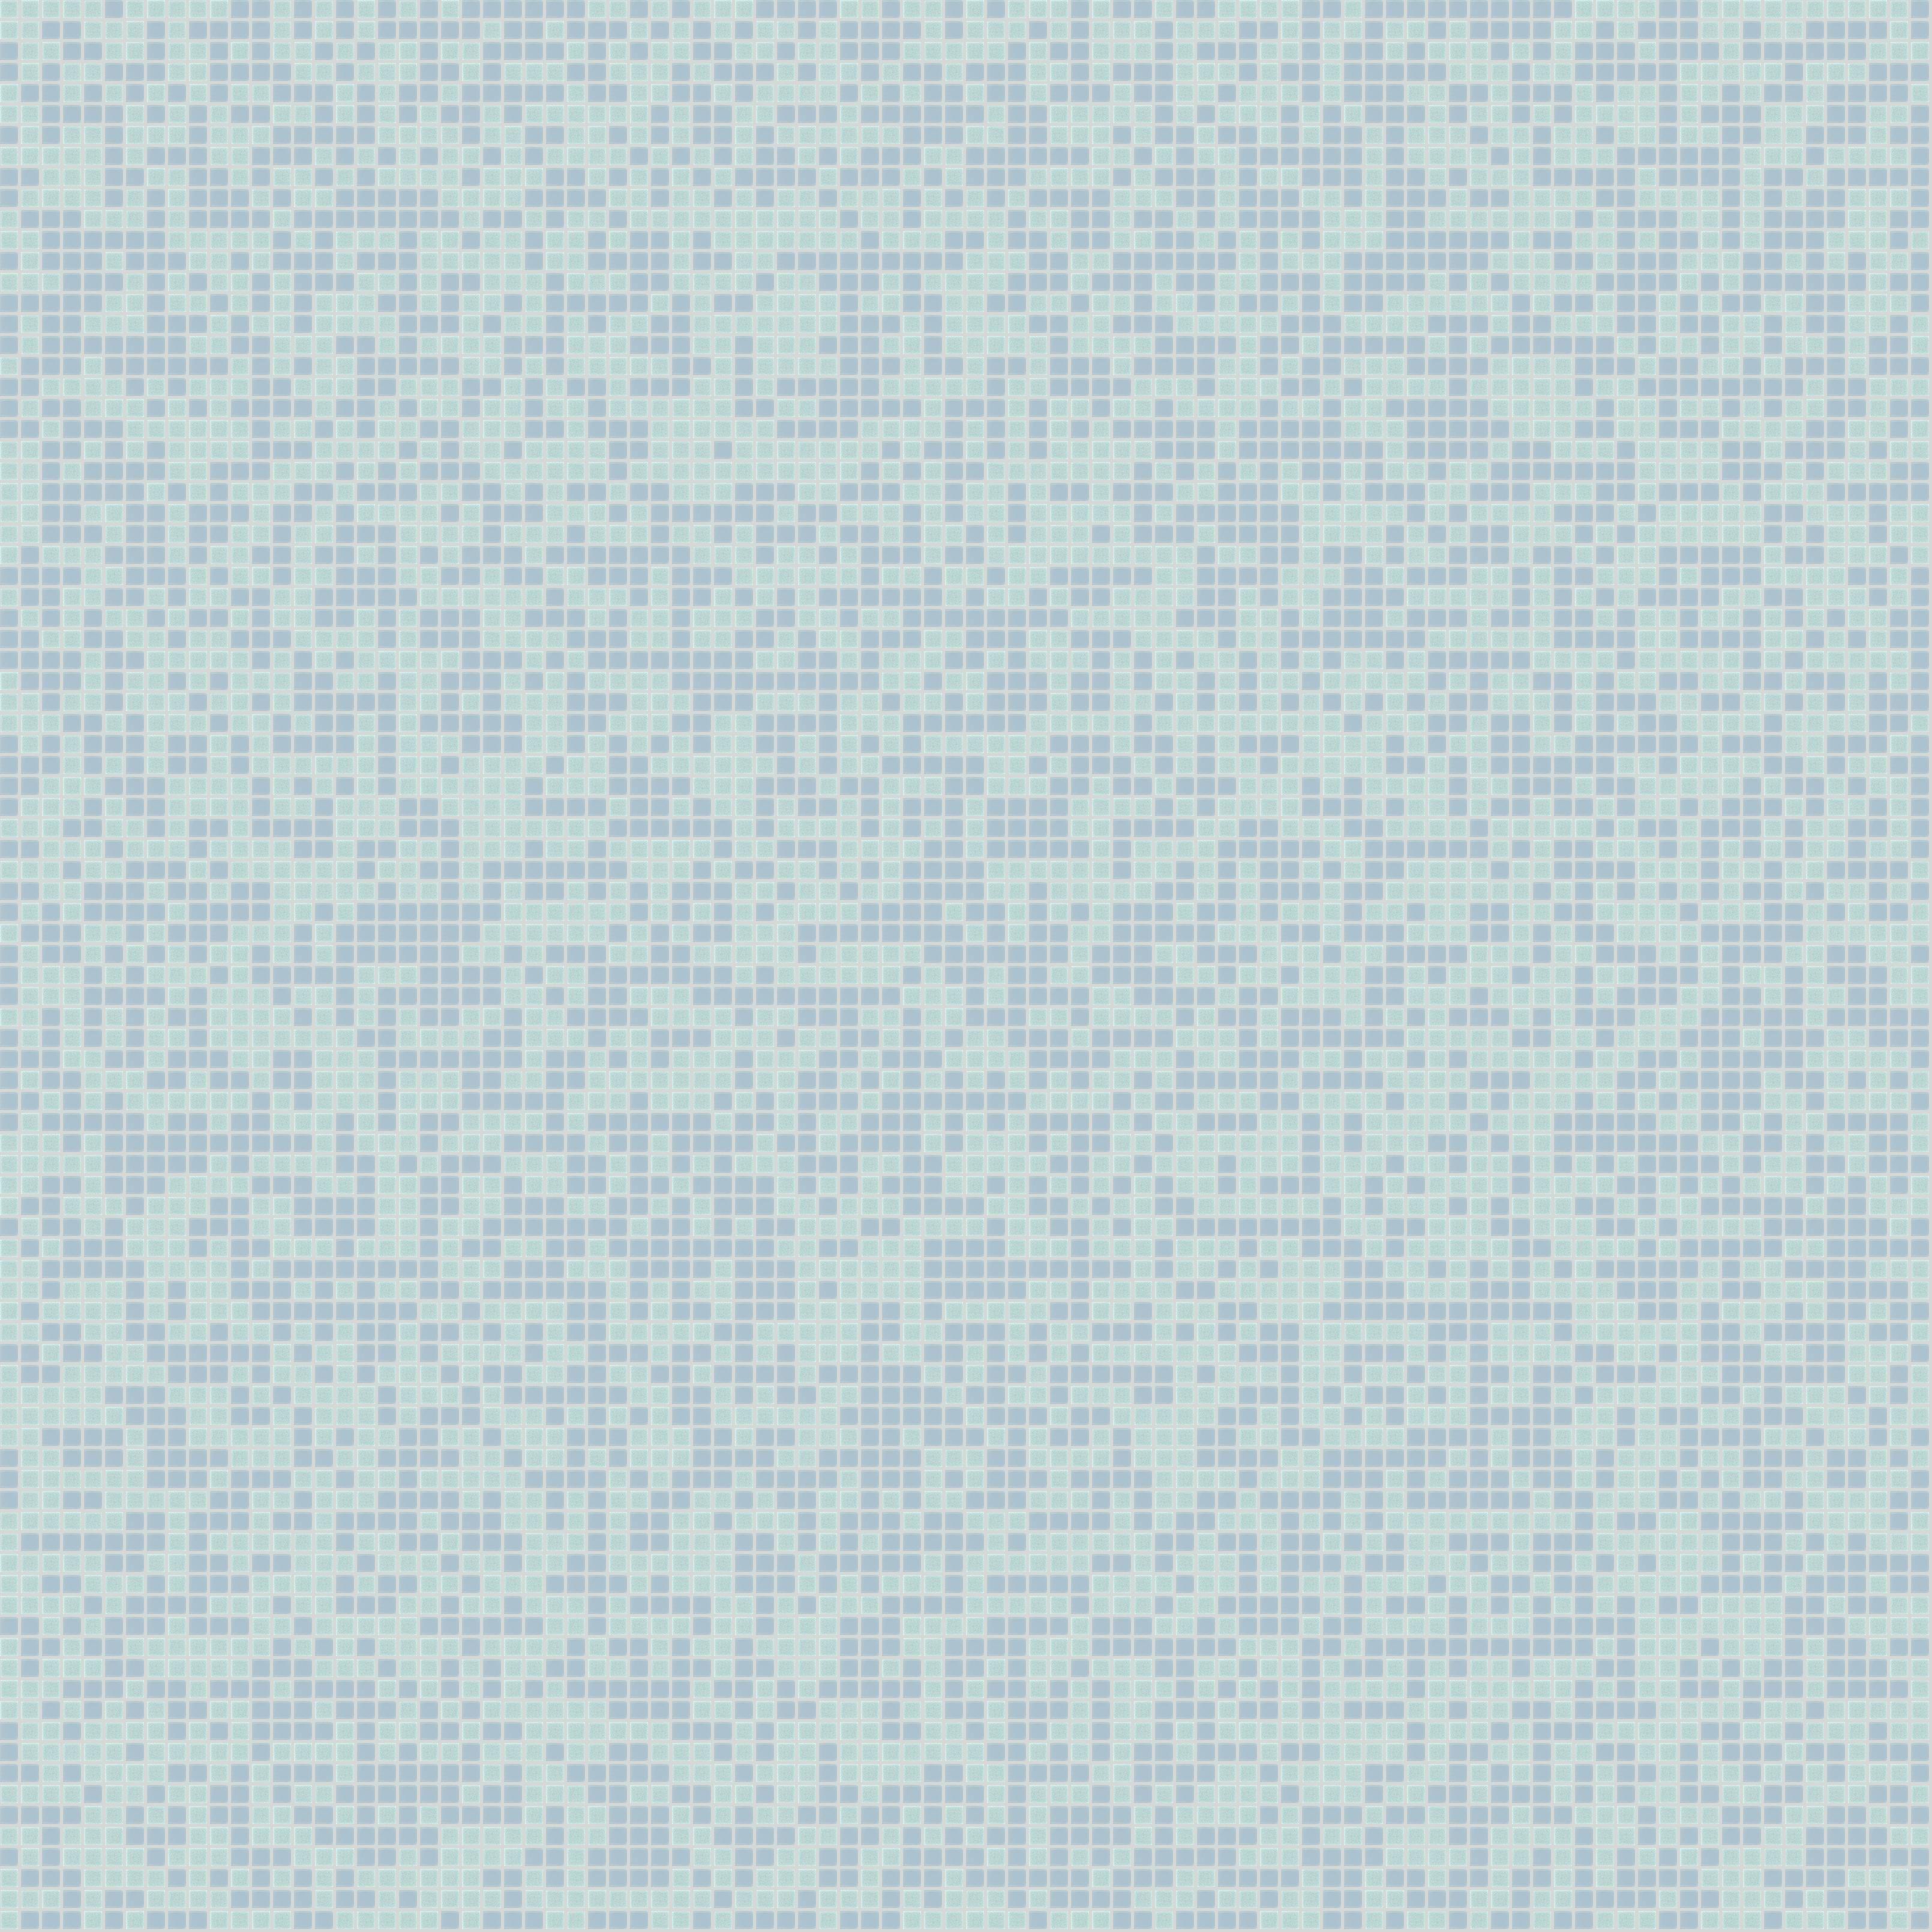 mosaic_75.jpg (3220×3220)